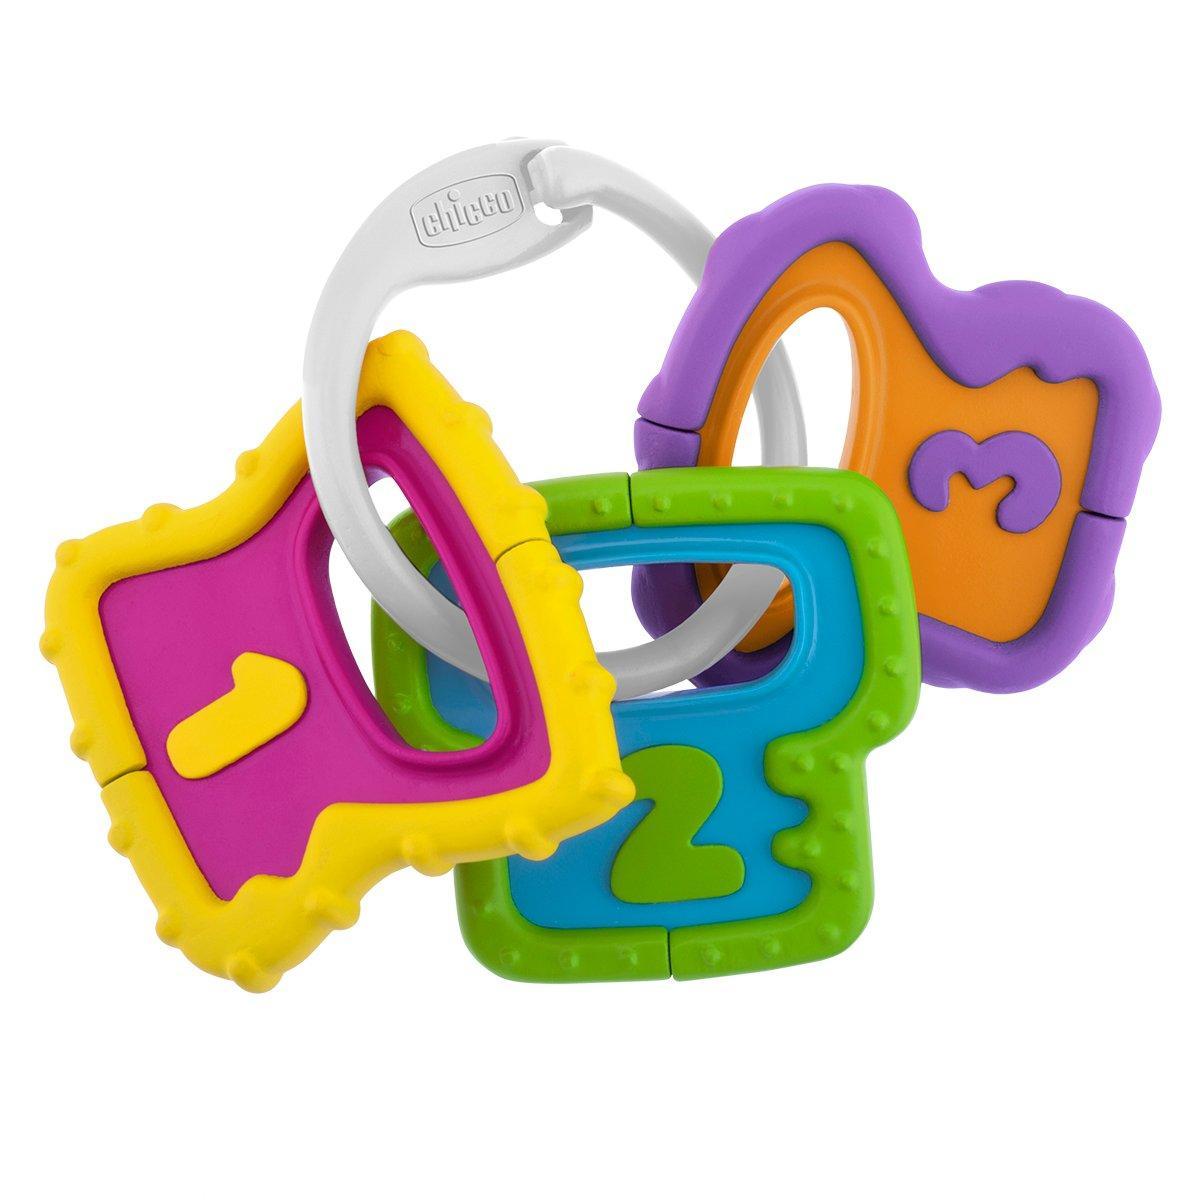 Игрушка-погремушка Chicco Ключи